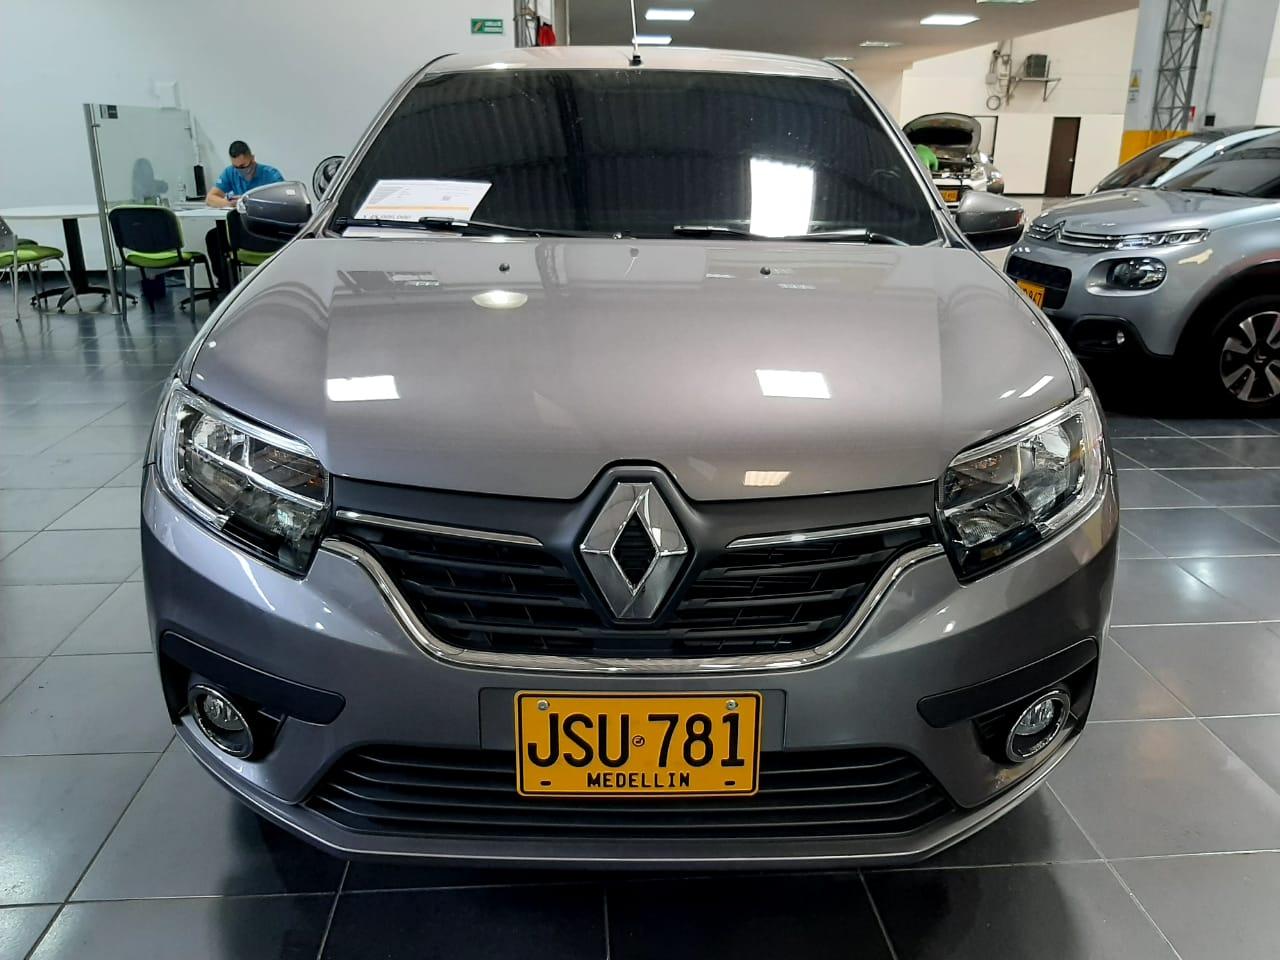 Renault-Sandero-Zen-01451711-1